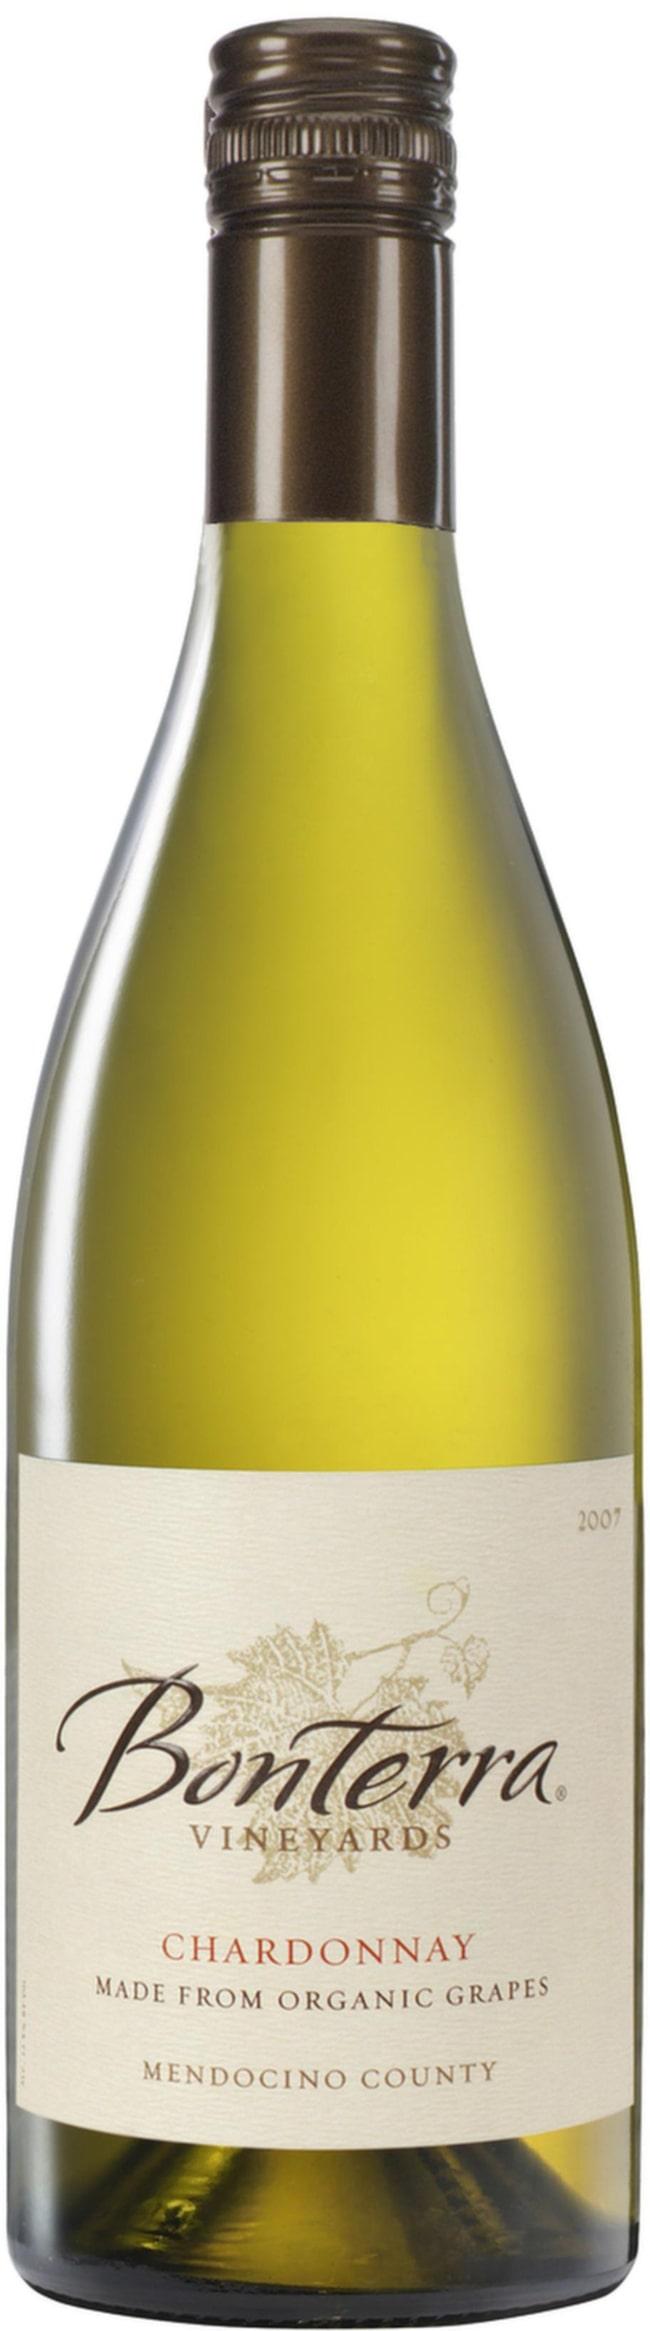 """Bonterra Chardonnay 2011 (16632) USA, 135 kr <br><span class=""""wasp-icon""""></span><span class=""""wasp-icon""""></span><span class=""""wasp-icon""""></span><span class=""""wasp-icon""""></span><span class=""""wasp-icon""""></span><br>Ekologiskt vin med stilfull karaktär. Ganska smakrikt med lätt rostade toner, tropisk frukt, smör och lite vanilj. Gärna till en kalvkotlett."""